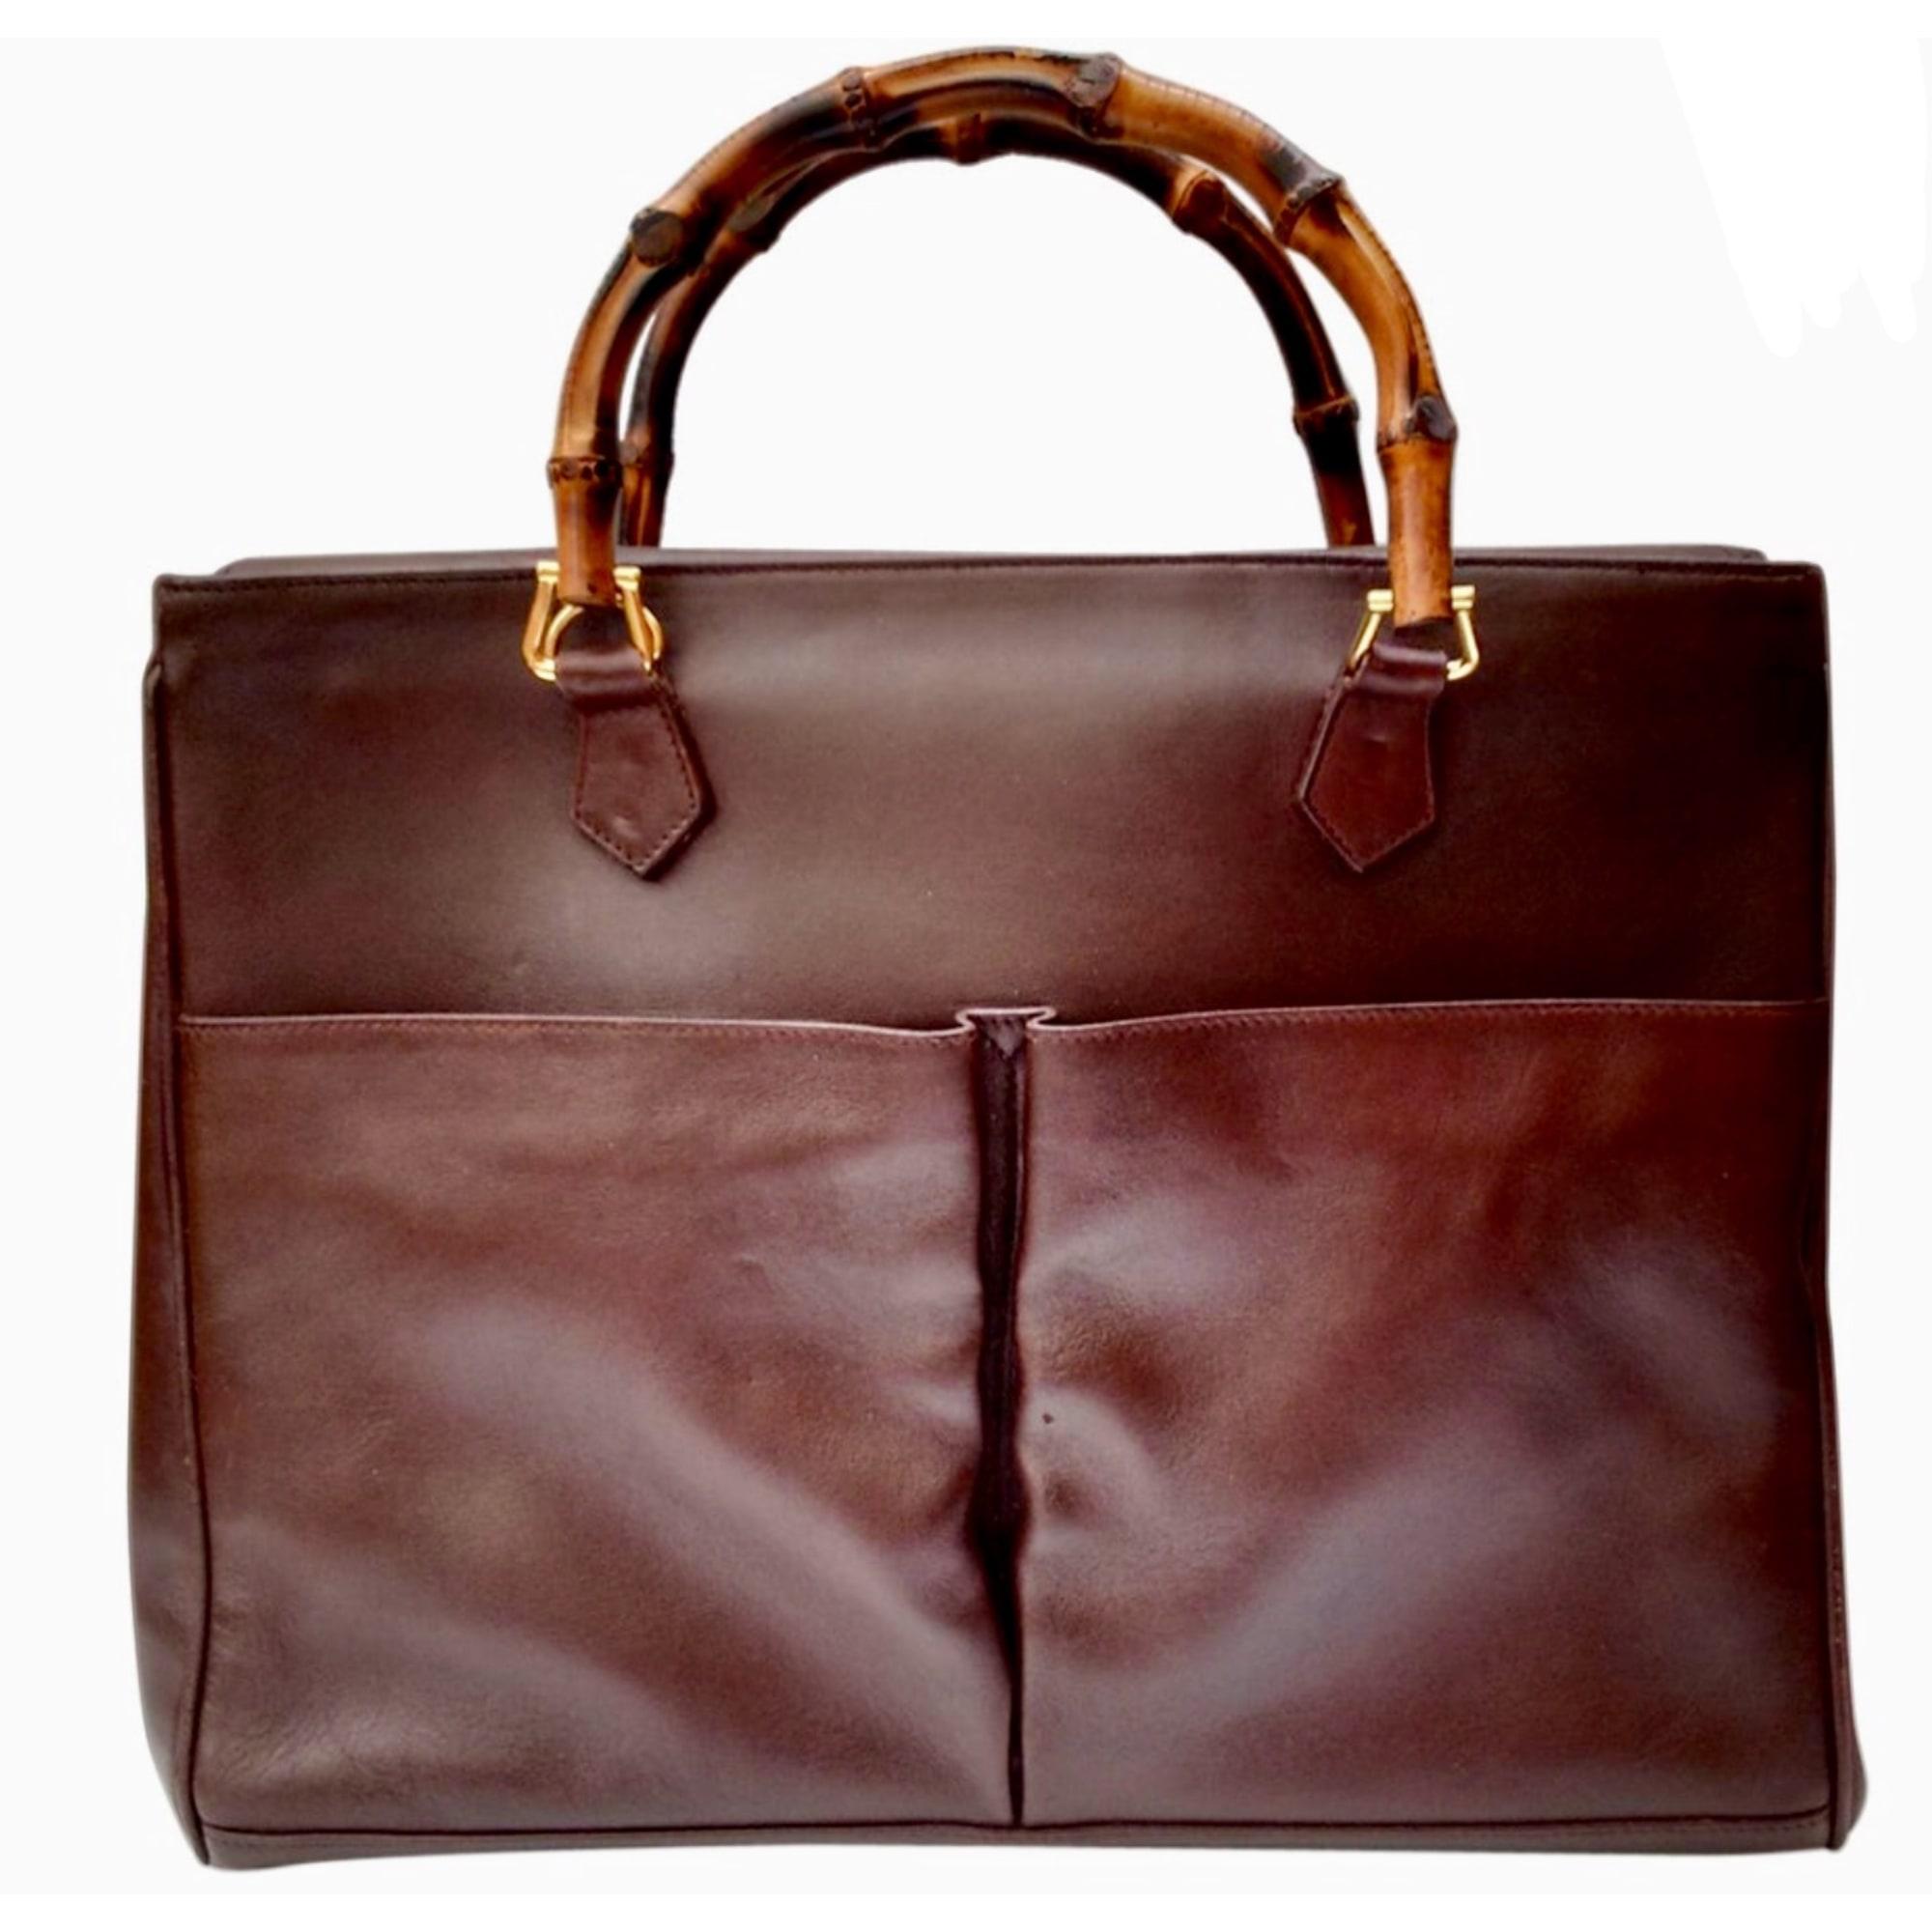 d63e086d998c Sac à main en cuir GUCCI bambou marron vendu par Golden ratio - 6758914